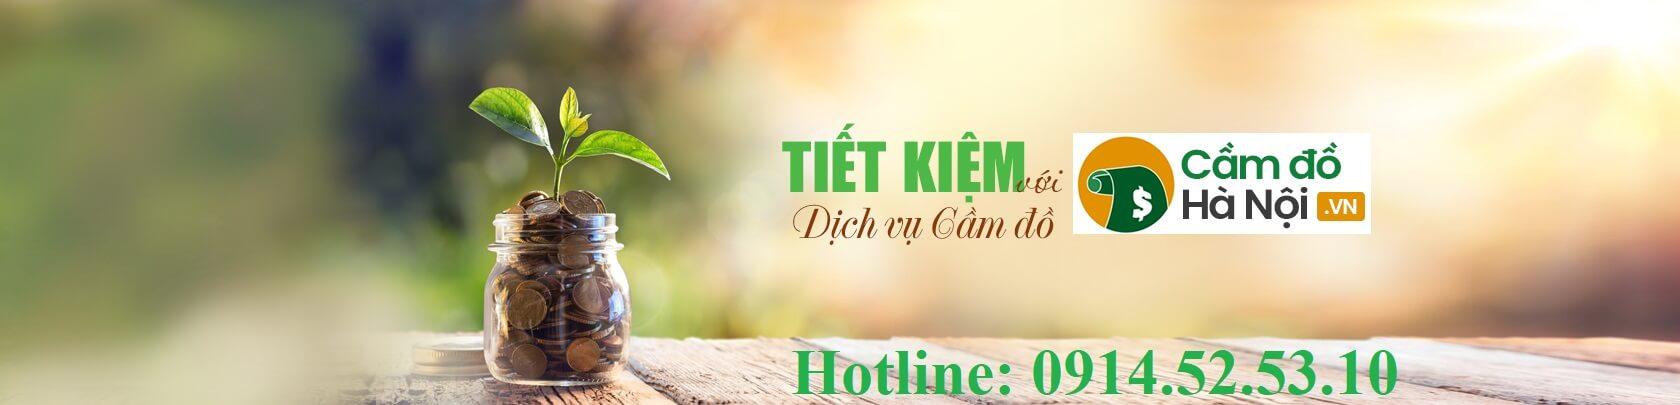 Camdohanoi website dịch vụ cầm đồ online chất lượng và uy tín hàng đầu Việt Nam